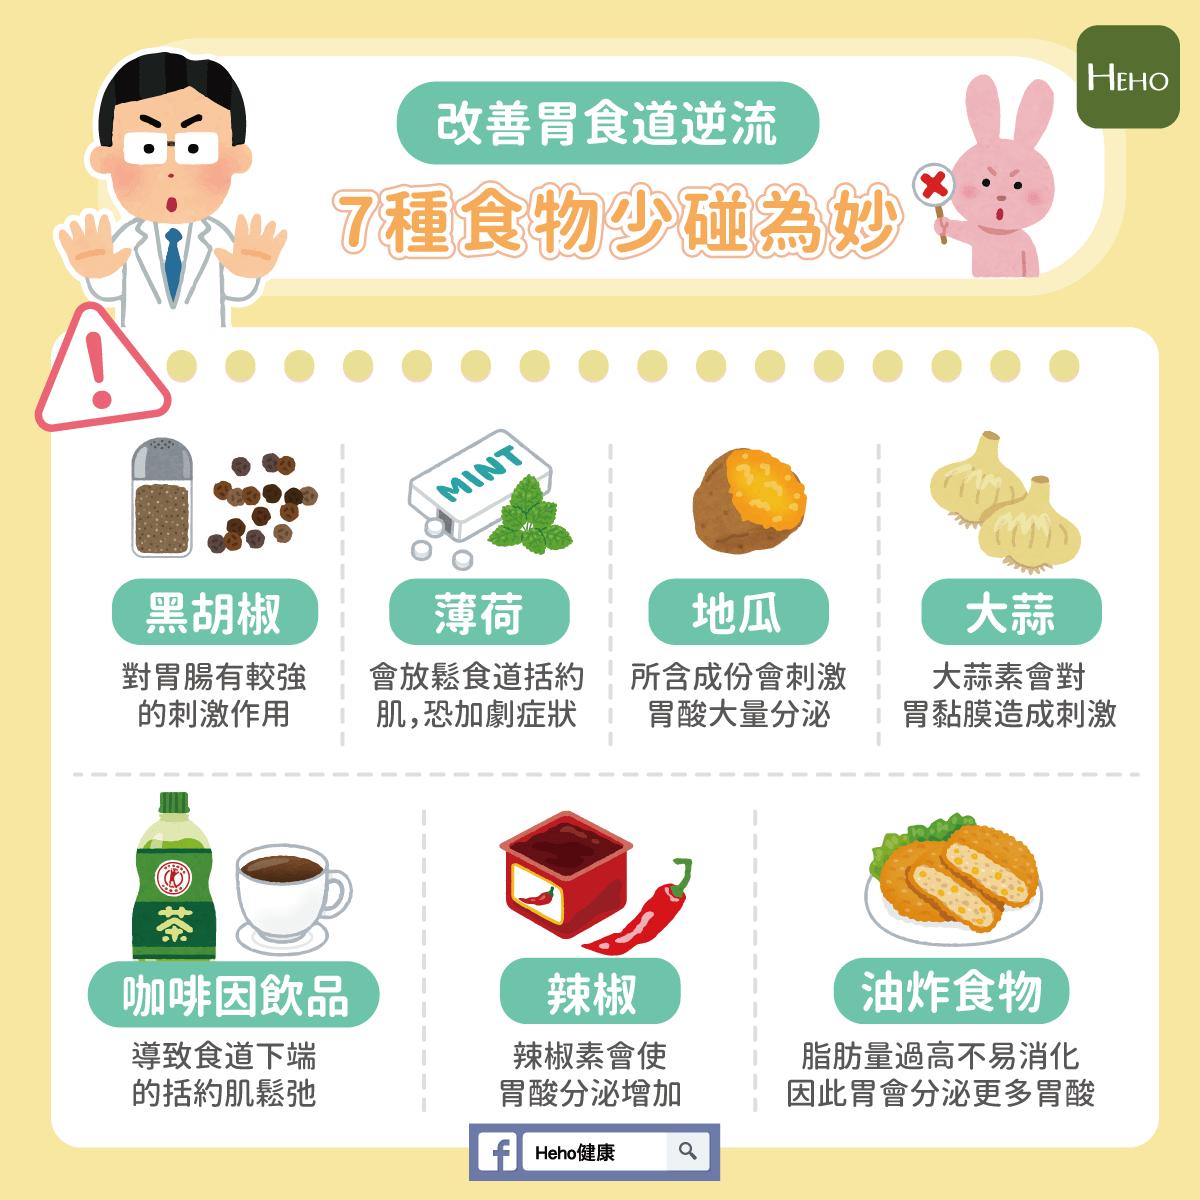 改善胃食道逆流,7 種食物少碰為妙